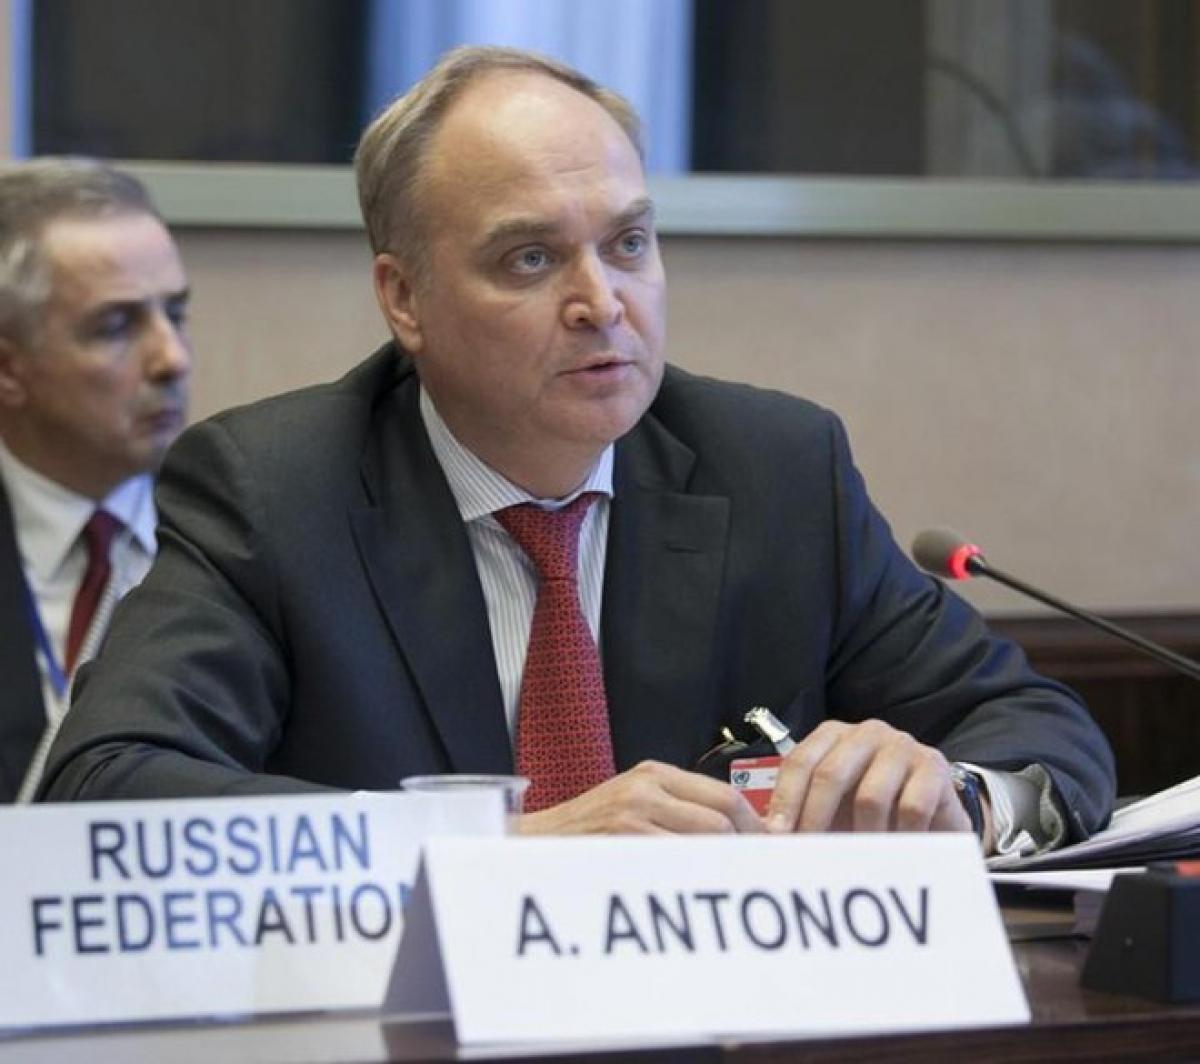 Đại sứ Nga tại Mỹ Anatoly Antonov. (Ảnh: KT)